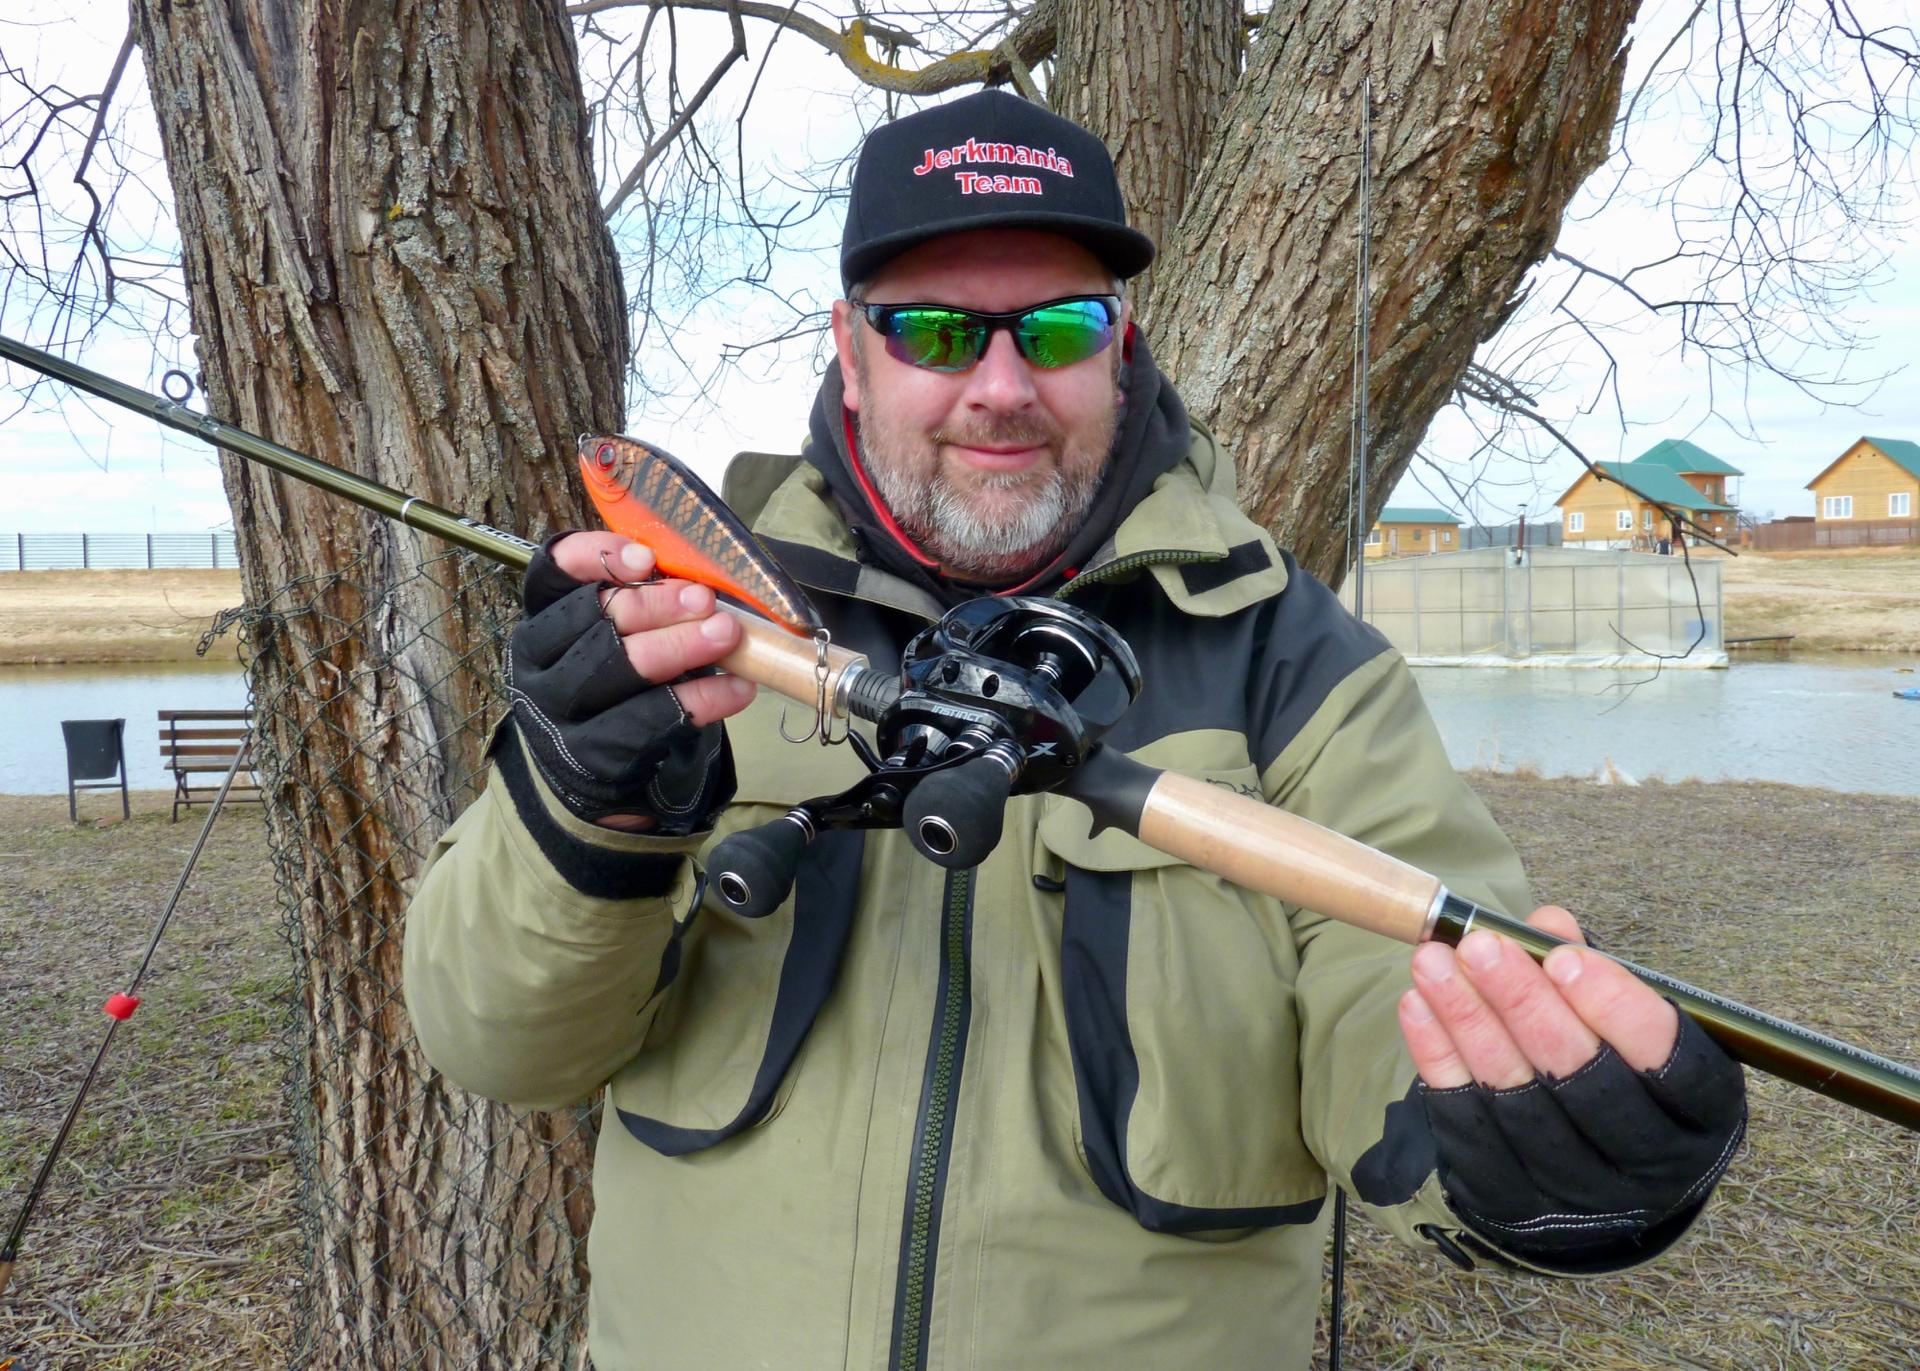 Купить спиннинг BFT Roots G2 в рыболовном магазине Джеркмания